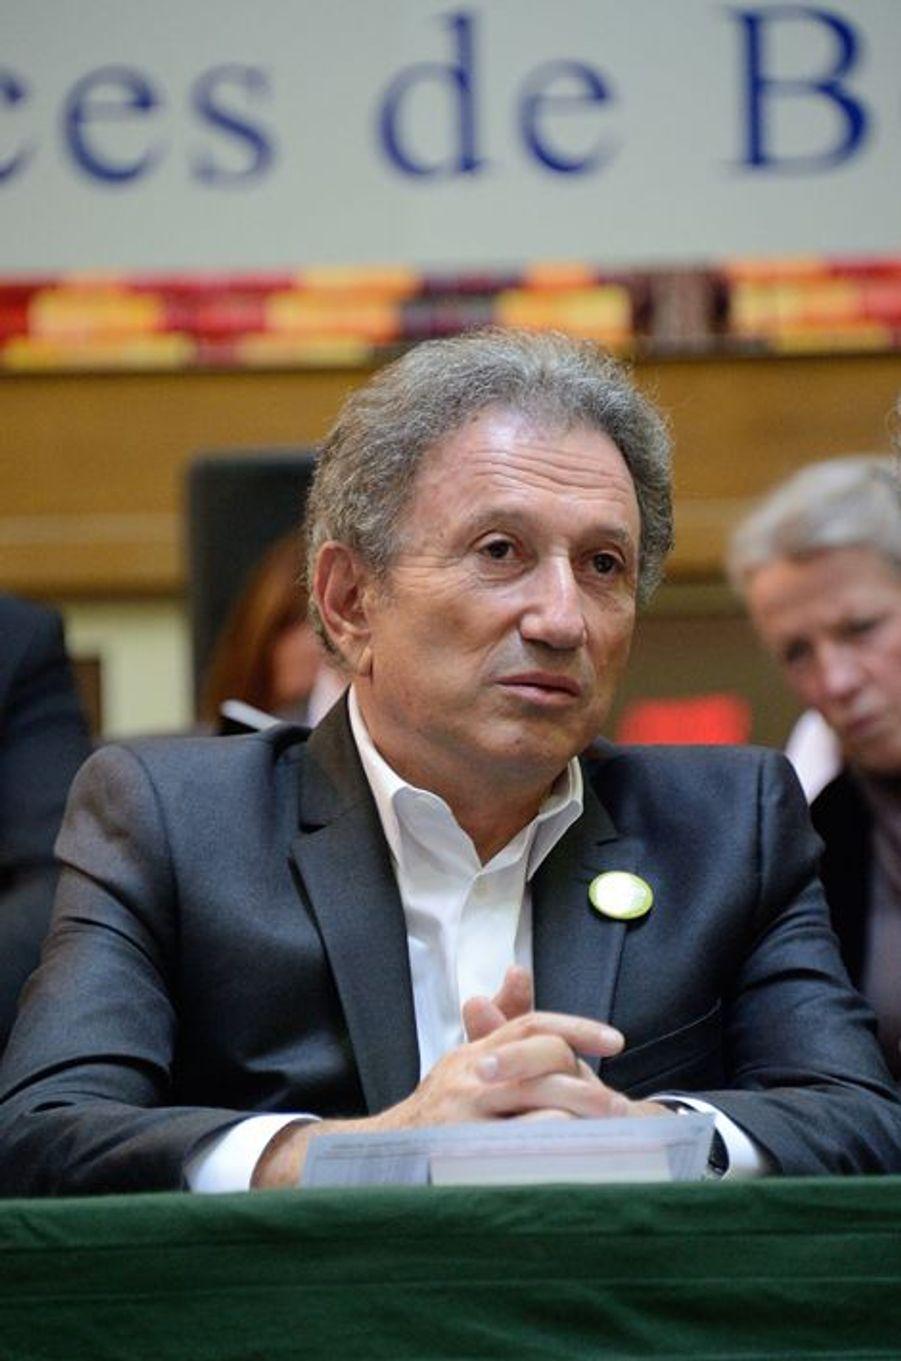 Michel Drucker à la vente aux enchères des Hospices de Beaune, le 16 novembre 2014